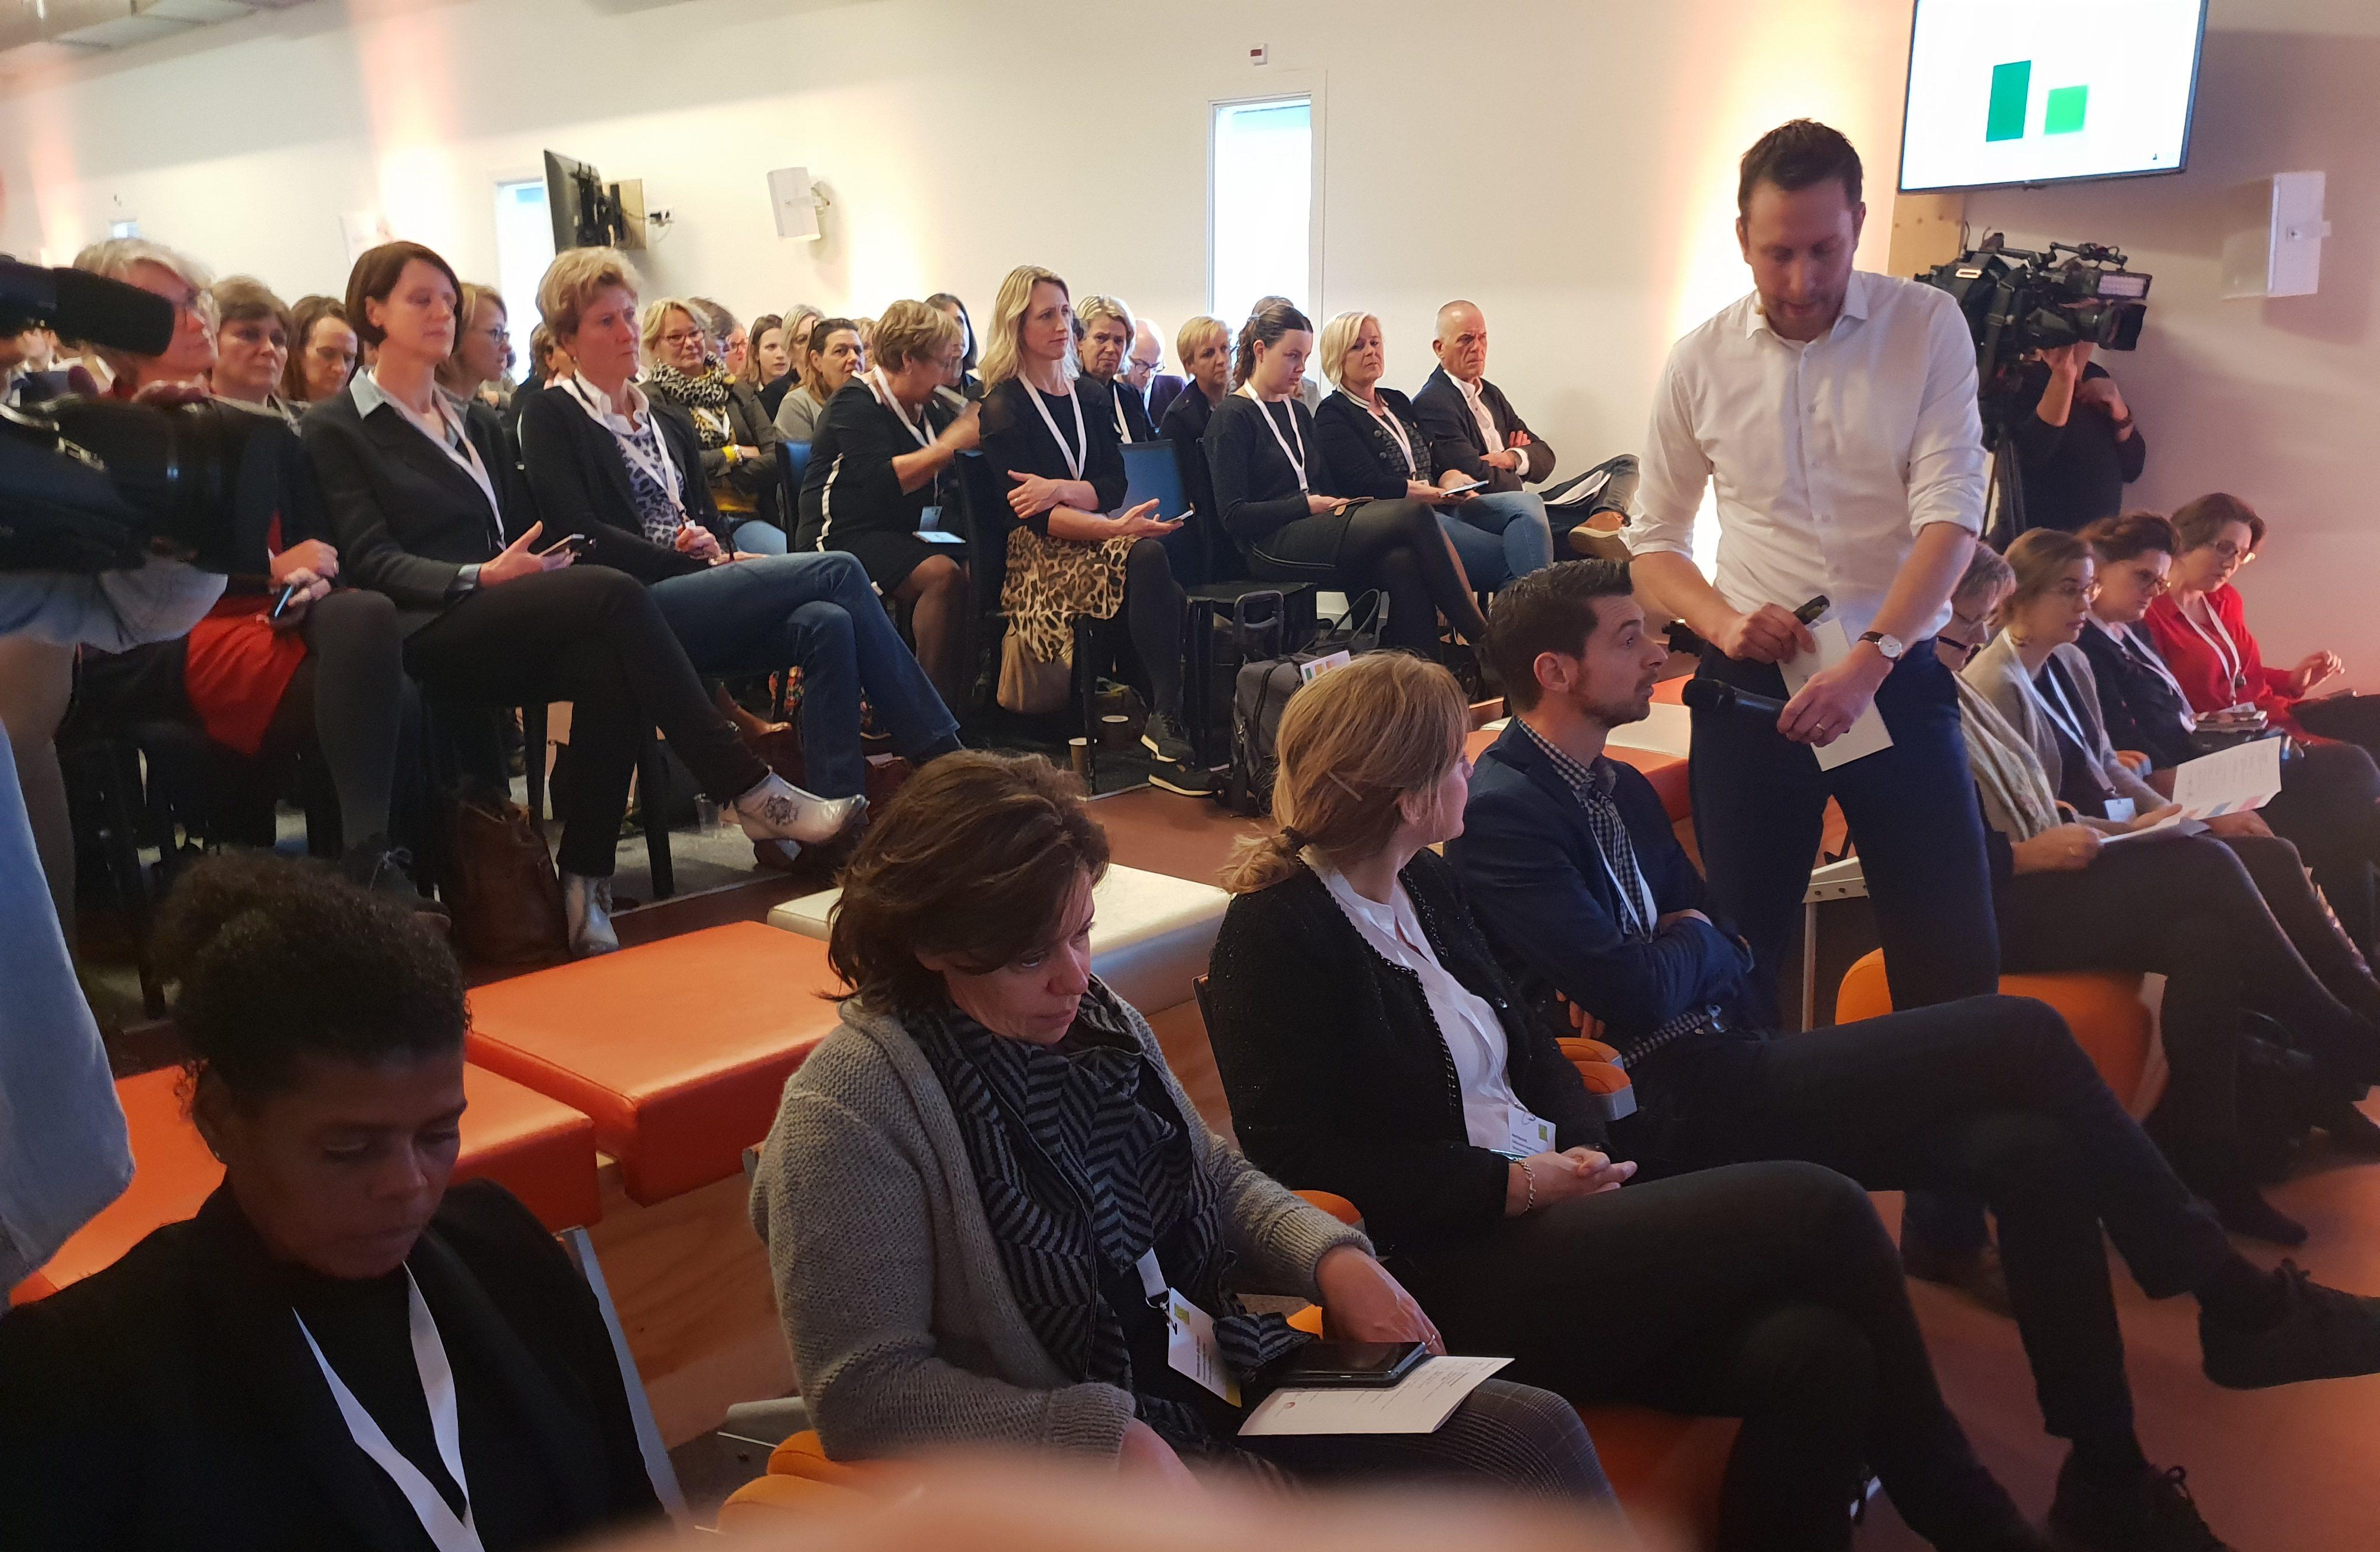 Werkconferentie betrekt totale werkveld bij modernisering opleidingen